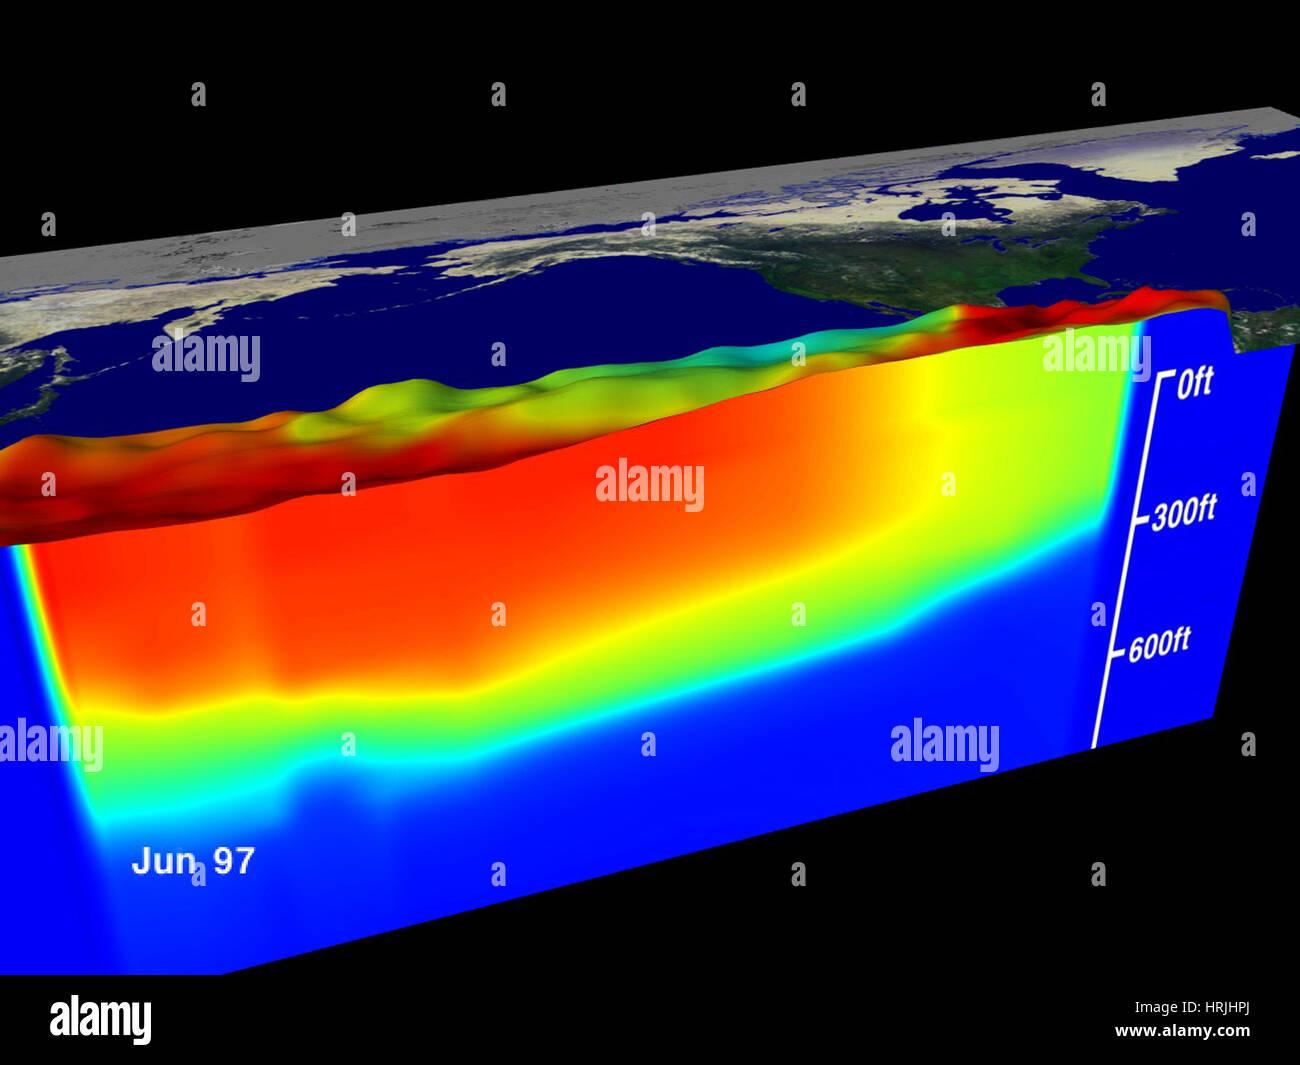 El Ni̱o, mediciones de la superficie del mar, junio de 1997 Imagen De Stock